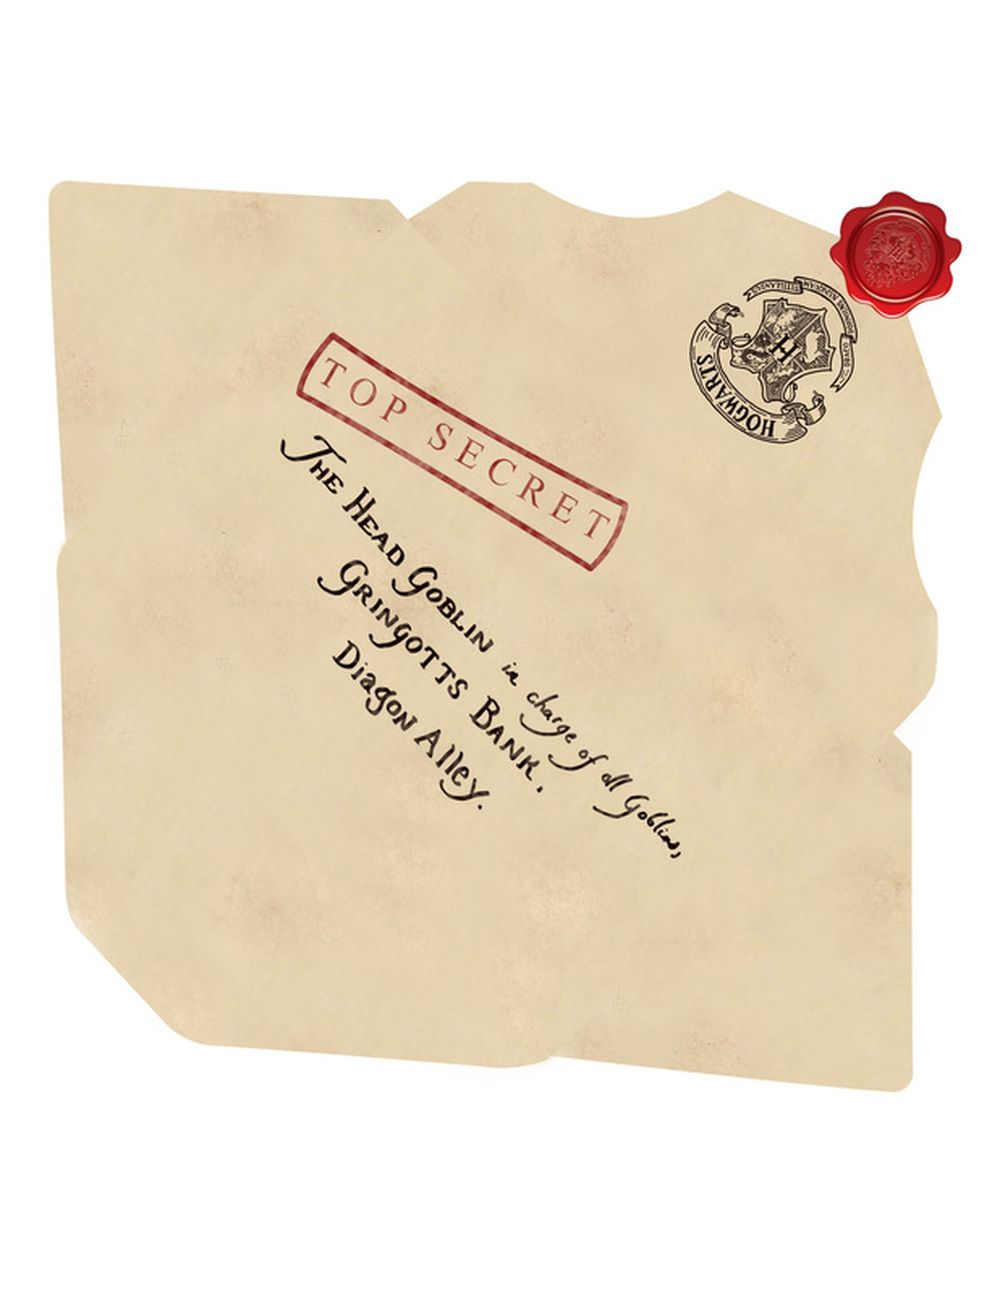 Making An Envelope For Your Hogwarts Acceptance Letter